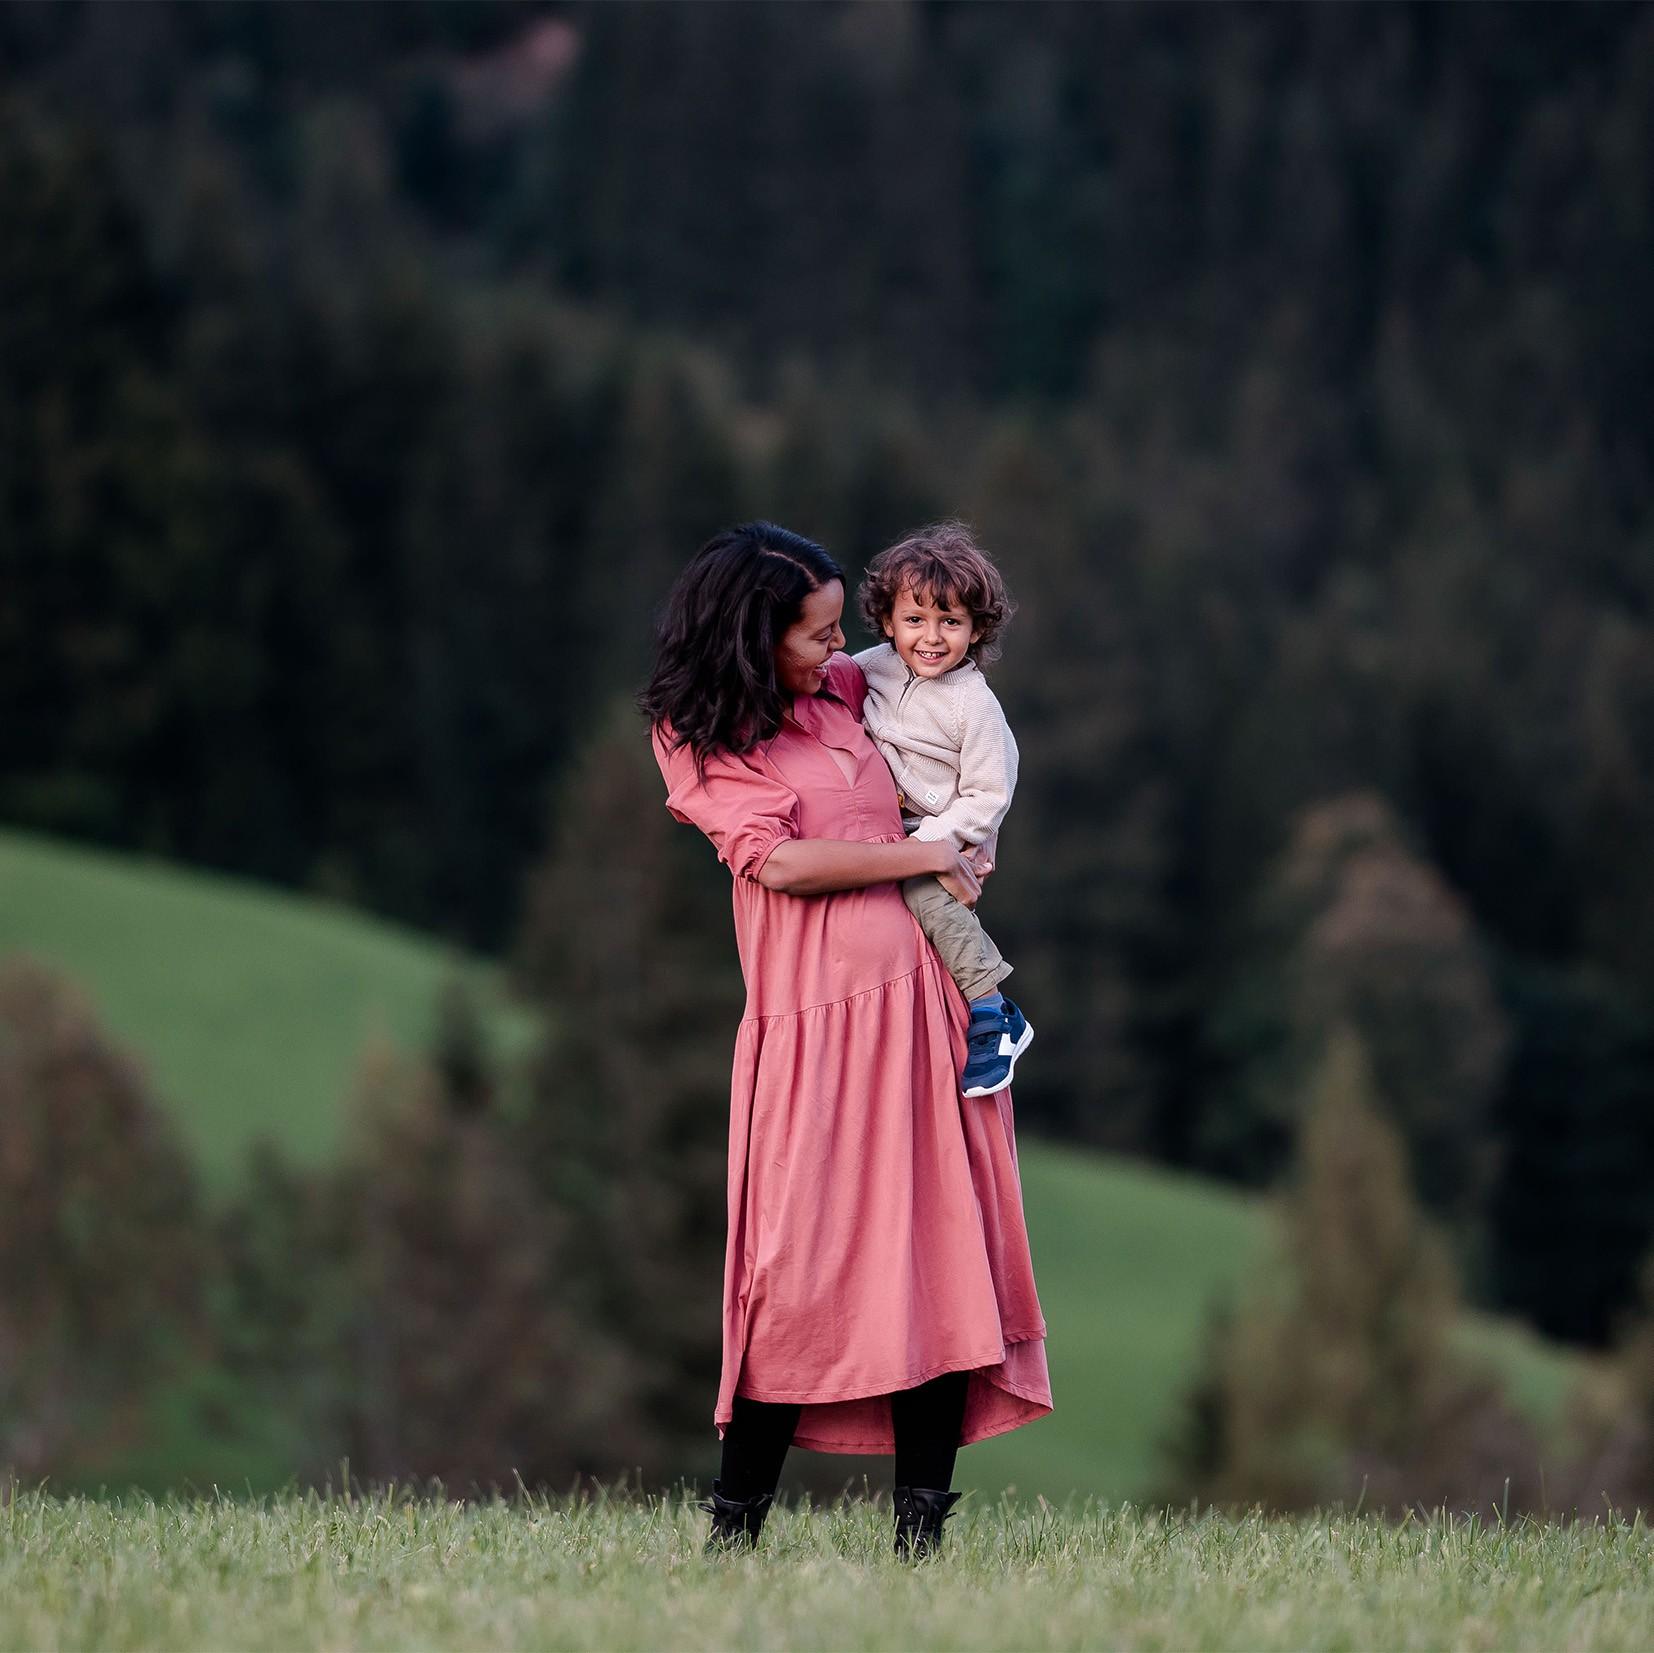 Aida + Tim | Hochzeitsfotografen am Bodensee Über Uns  - Hochzeitsfotografie von Aida und Tim